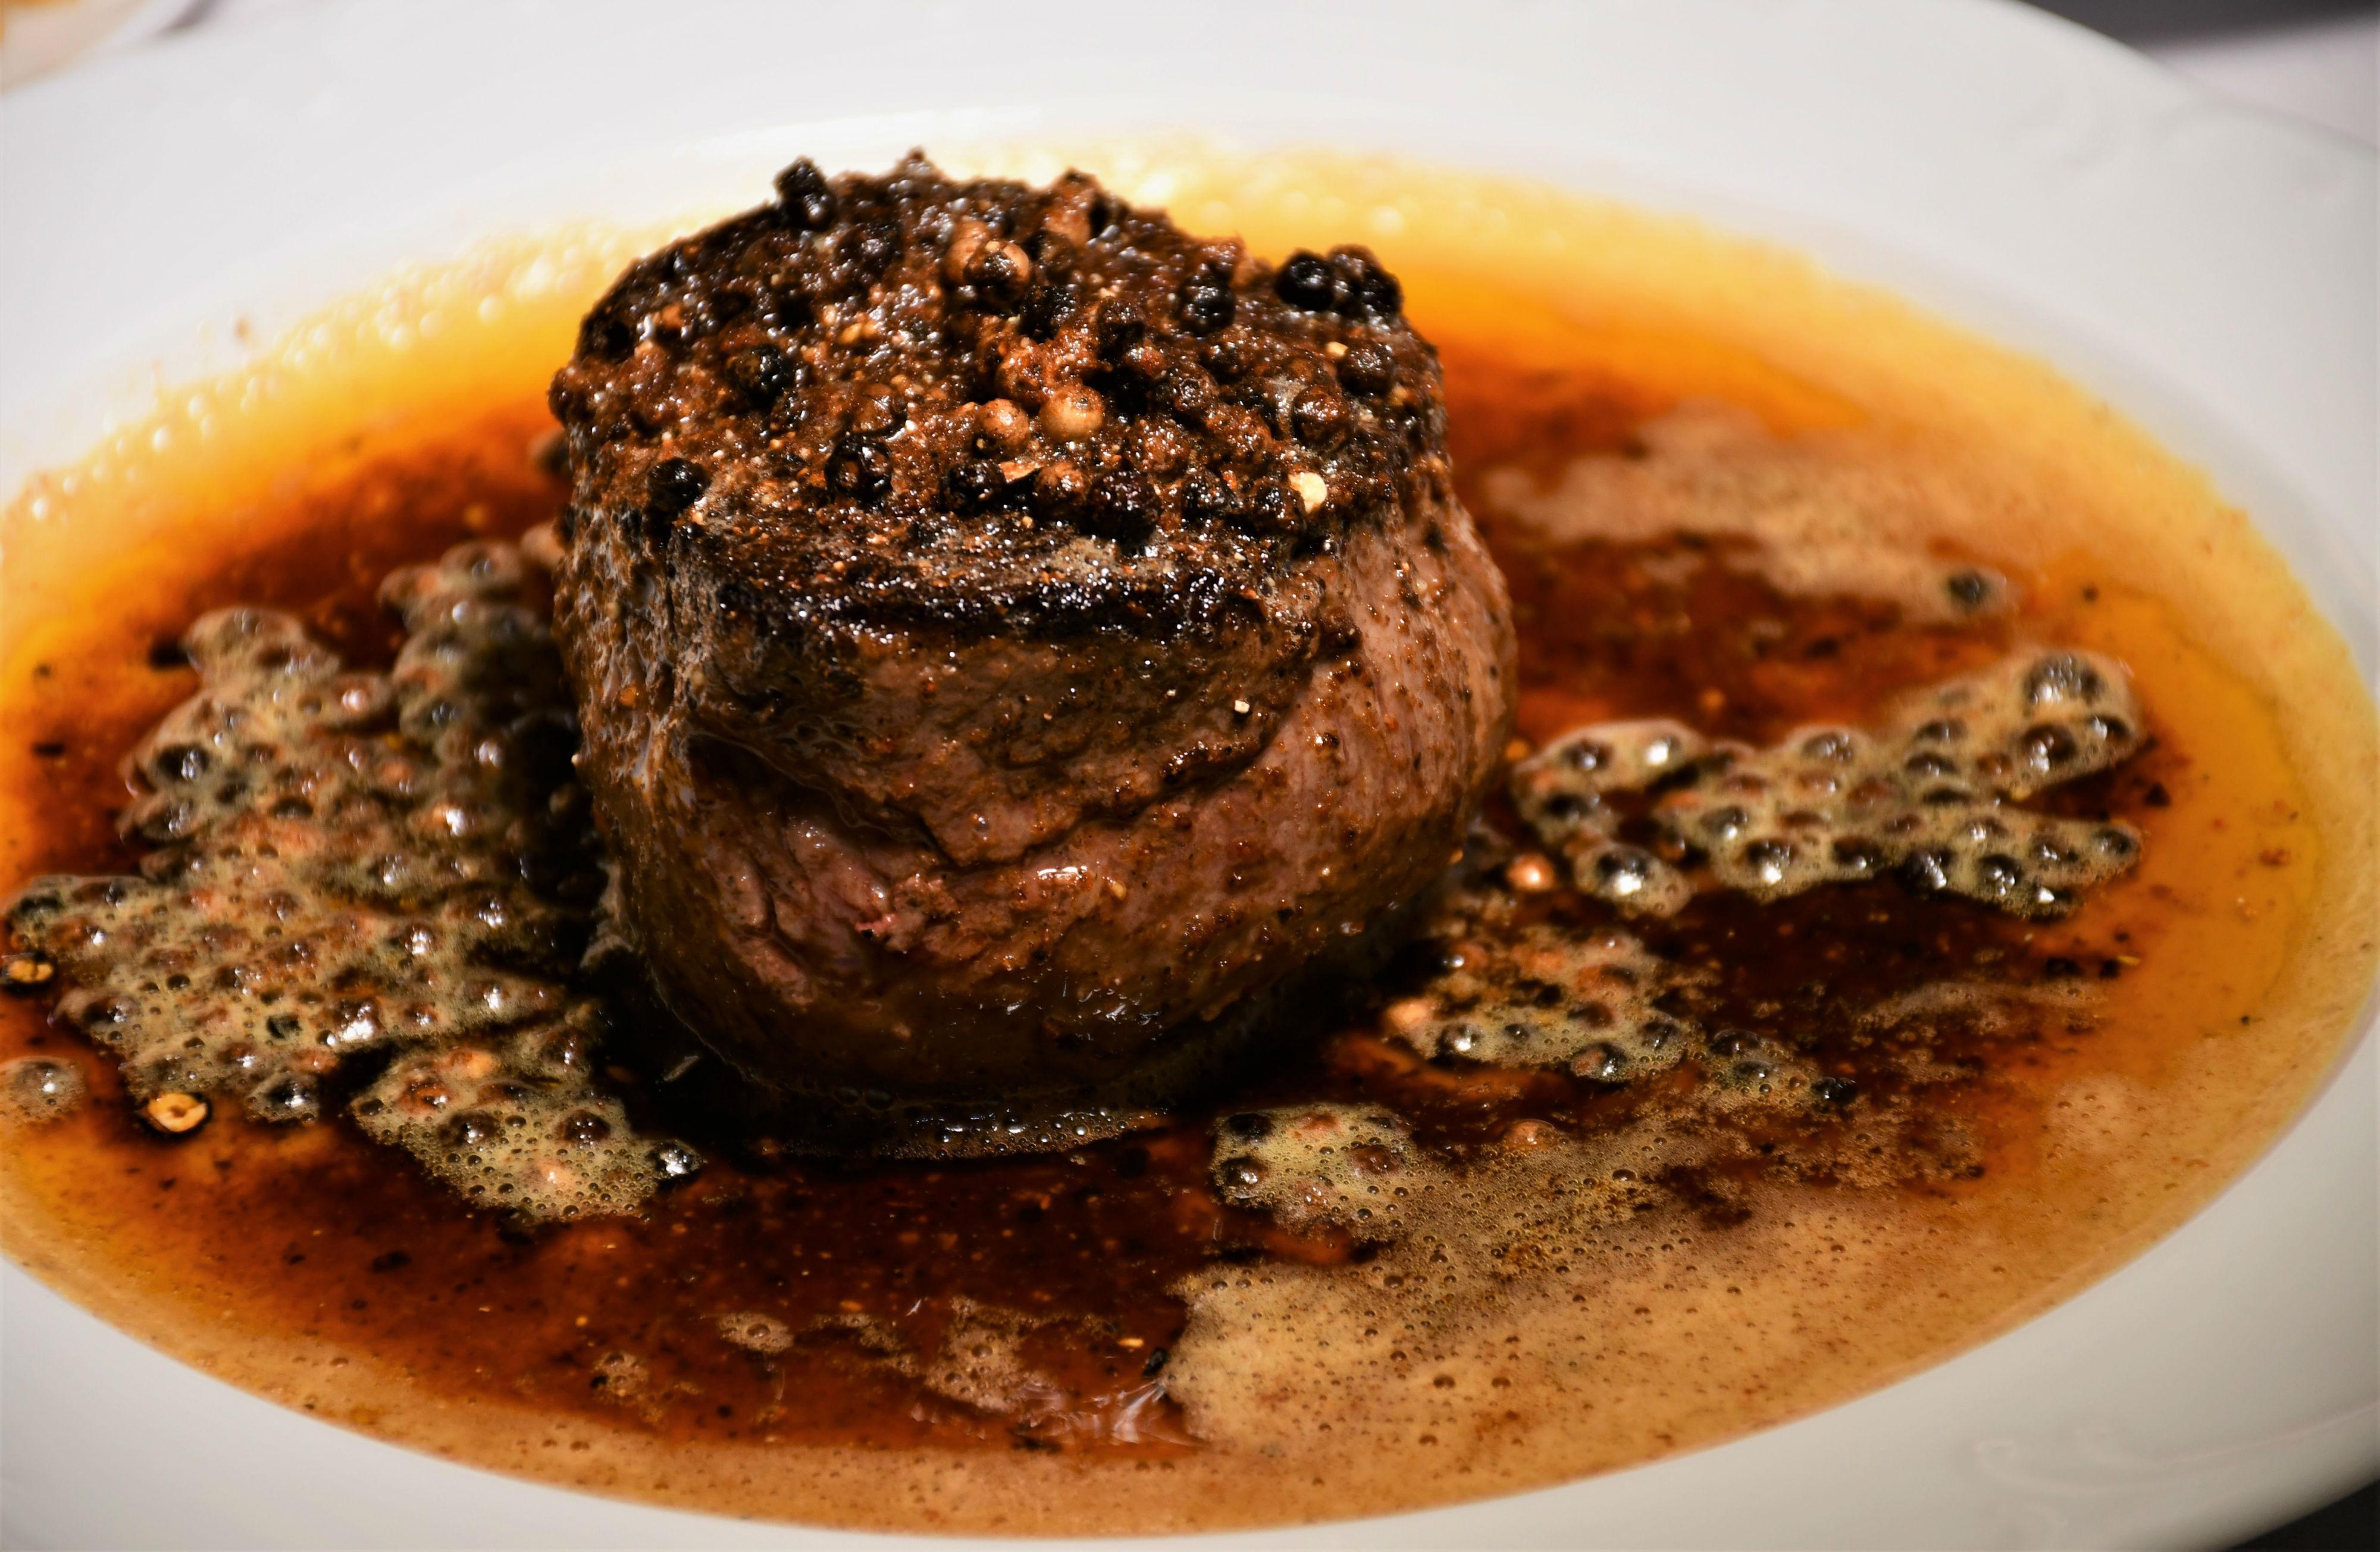 Steak House, creado por el chef Ernest hace más de medio siglo, contiene sabores de la India y mantiene la elección de una proteína seleccionada.